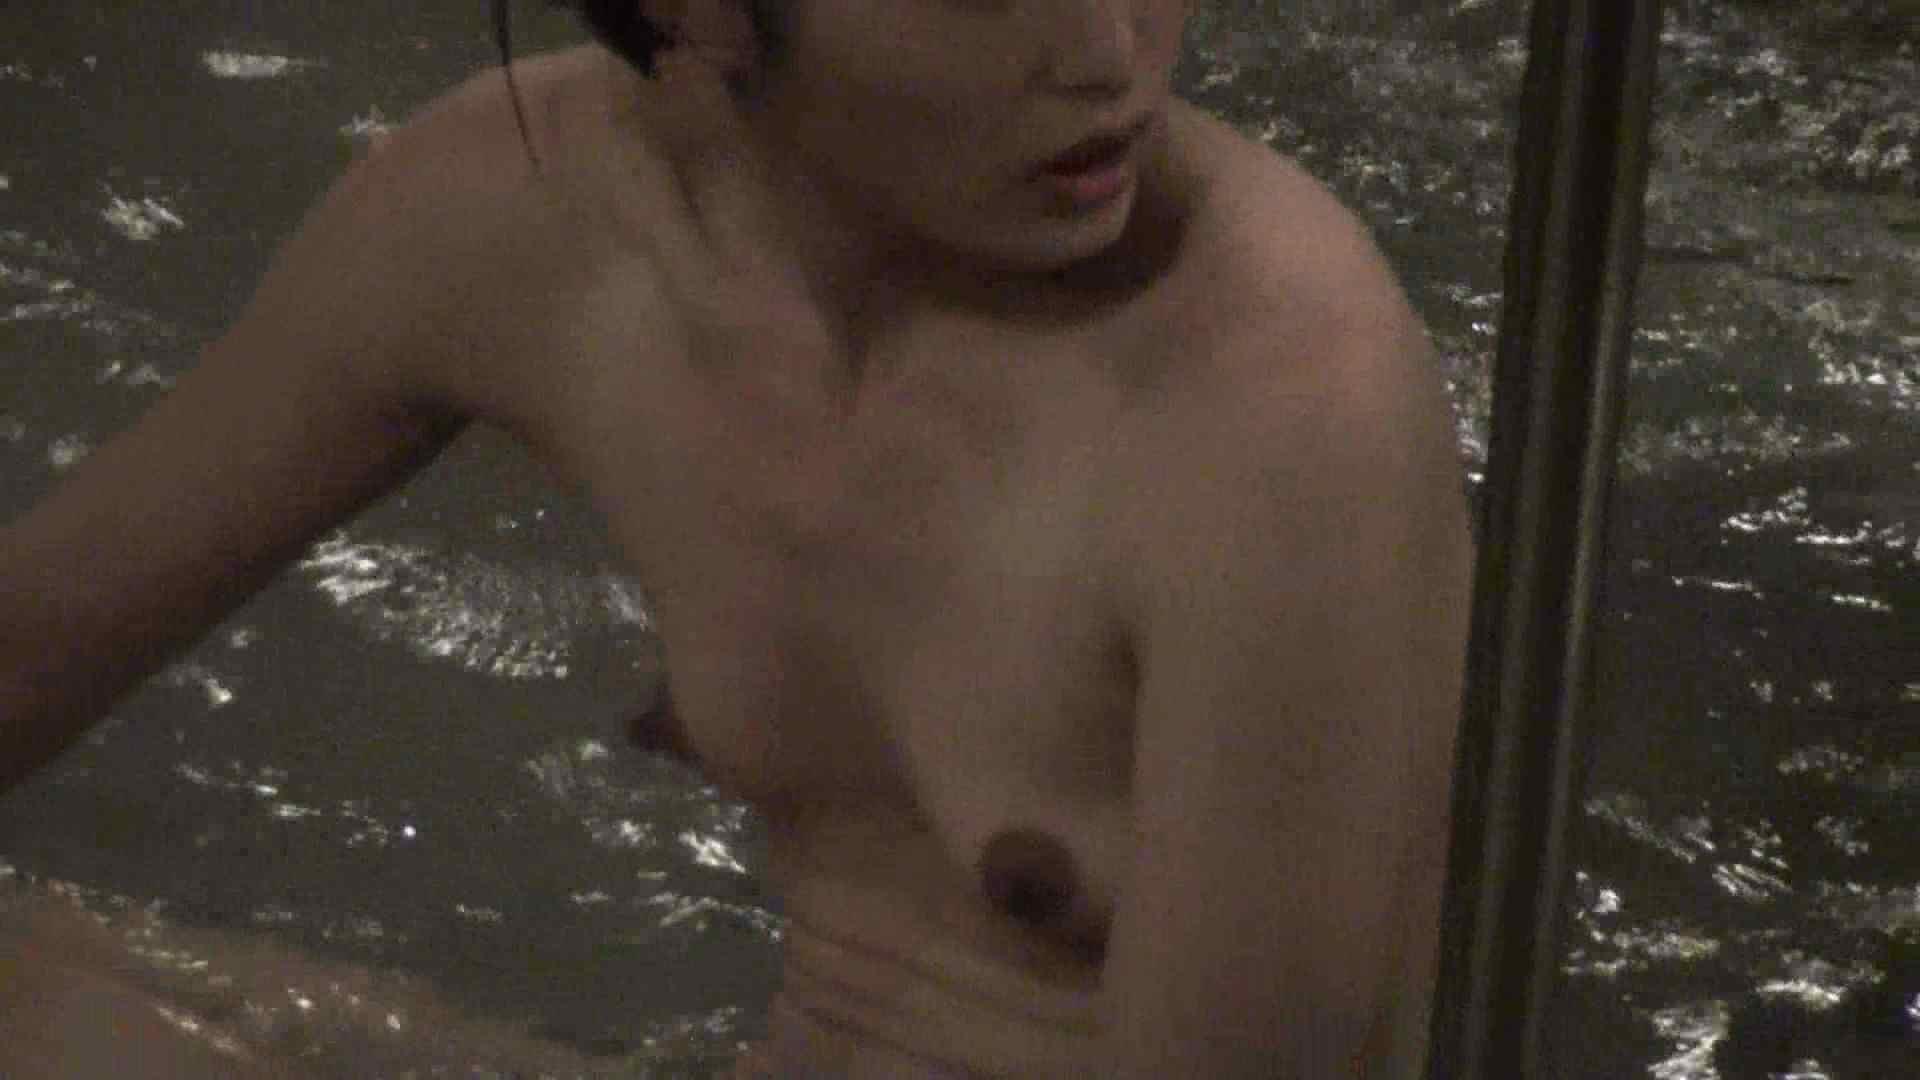 Aquaな露天風呂Vol.406 露天風呂  66連発 21